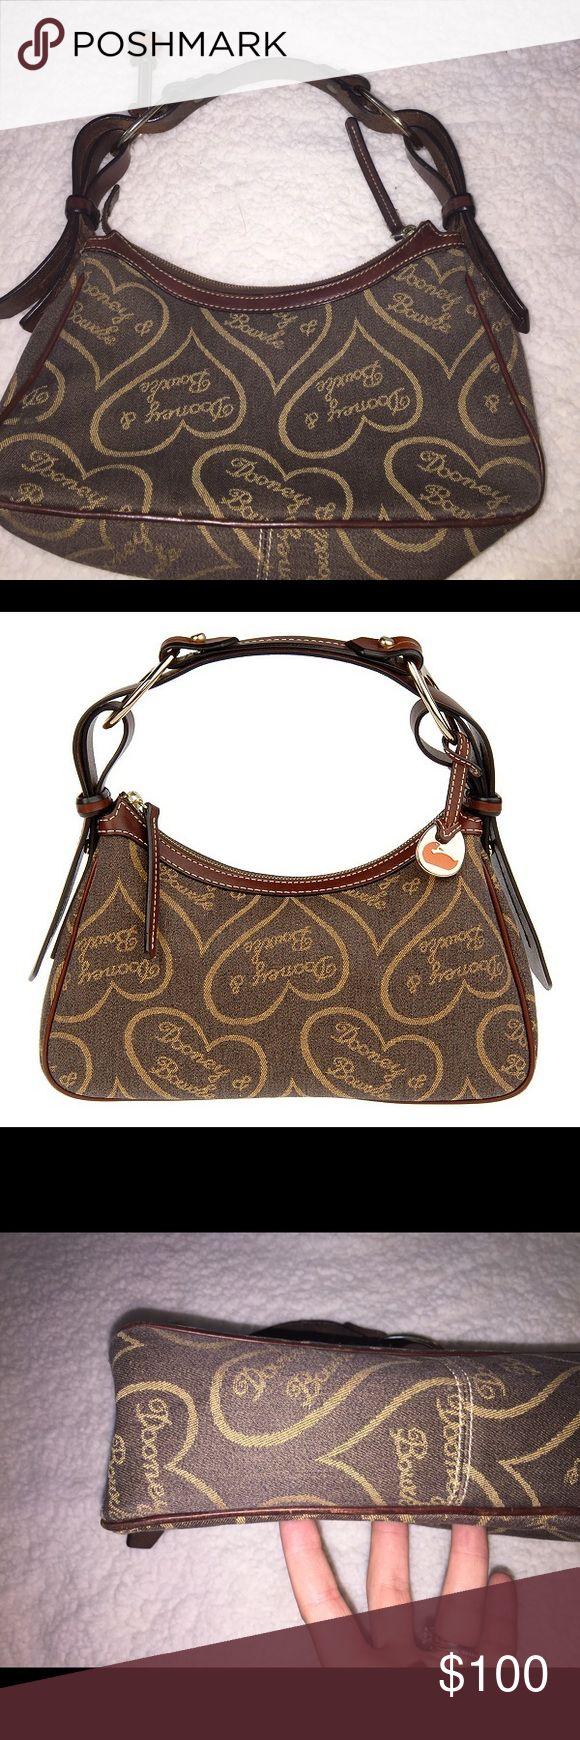 Badgley mishka bag celebrity look